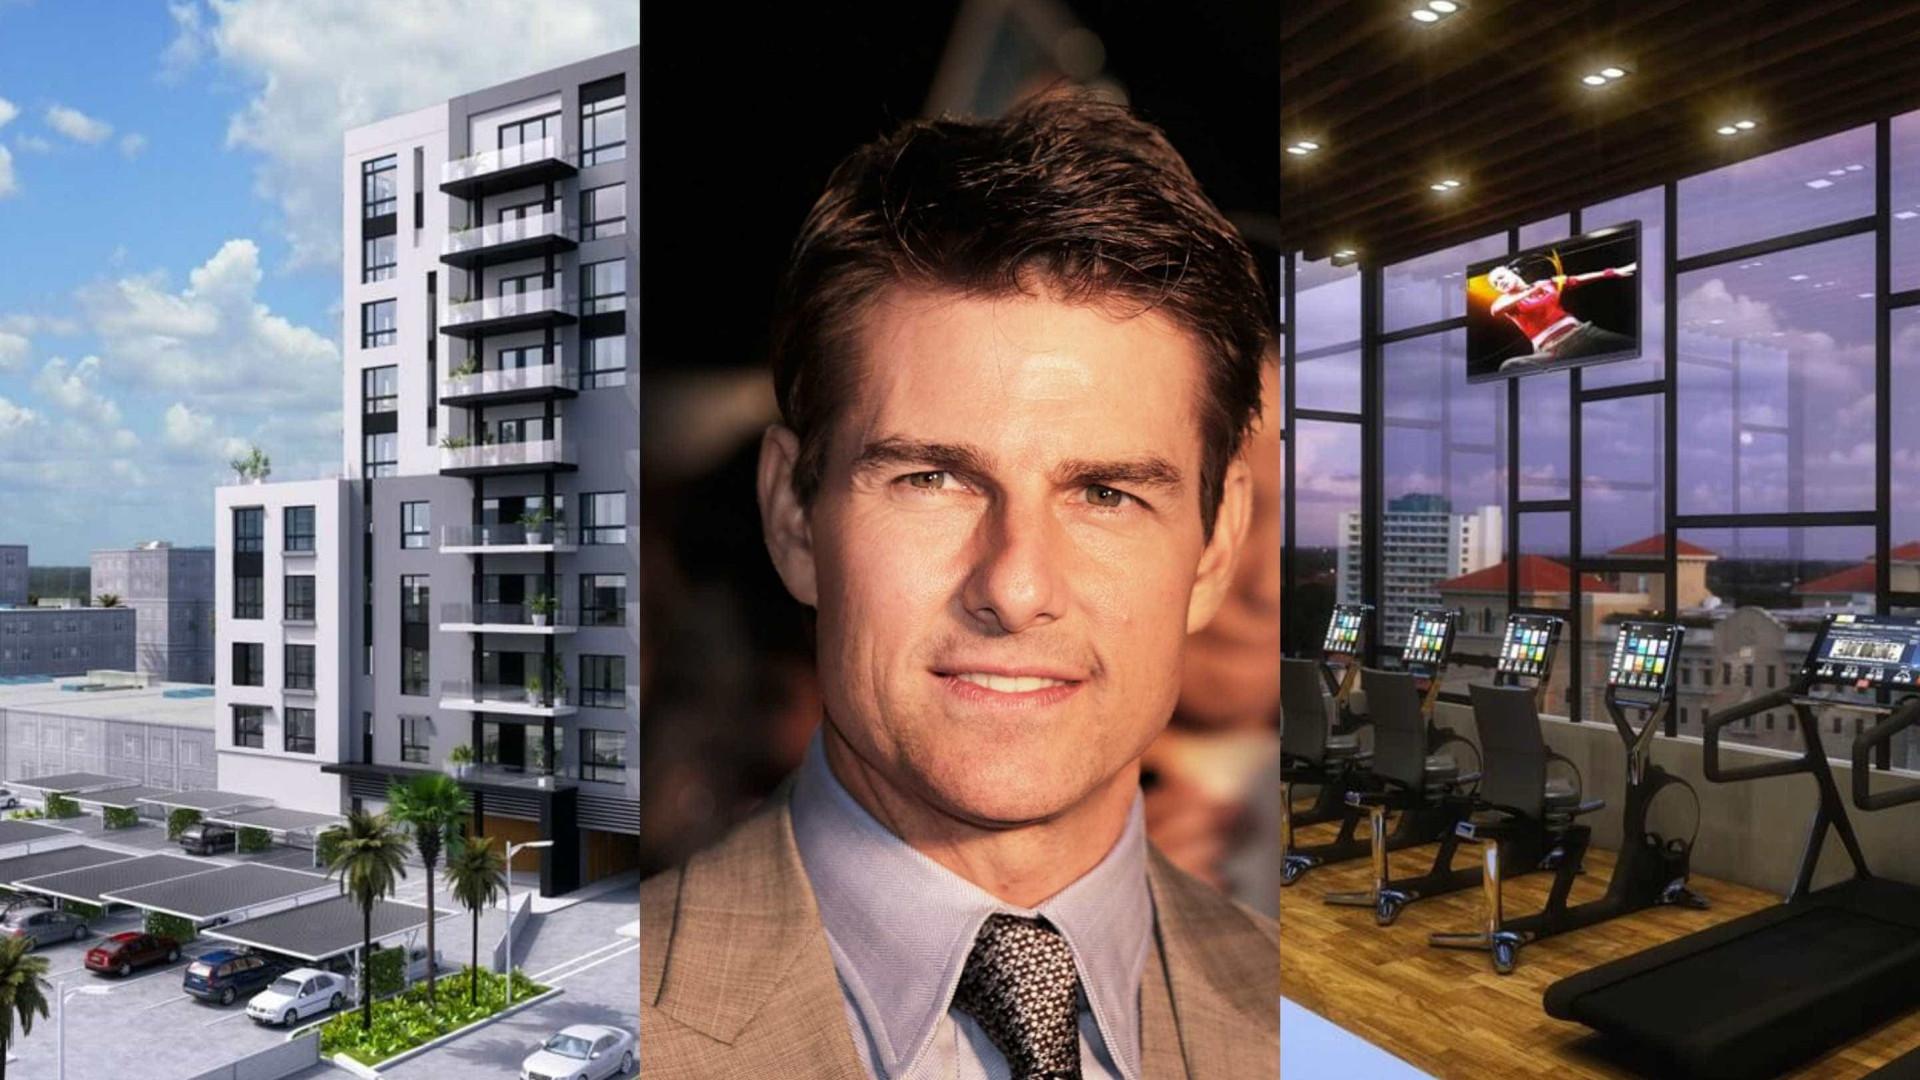 Conheça o novo apartamento de Tom Cruise na Flórida